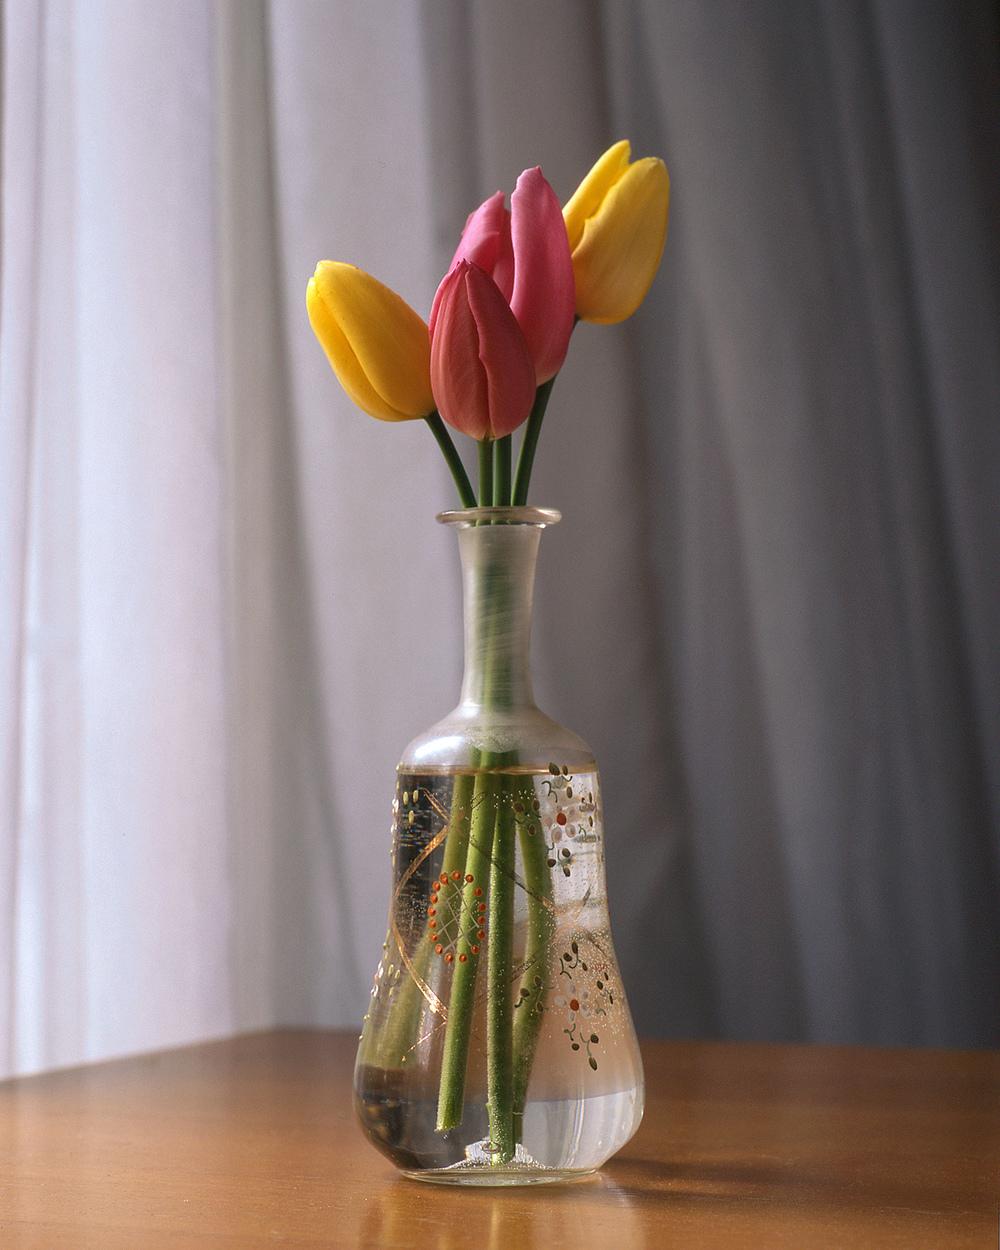 Bouquet | Bronica SQA 110mm zenzanon-ps provia 100 | Howard Sandler